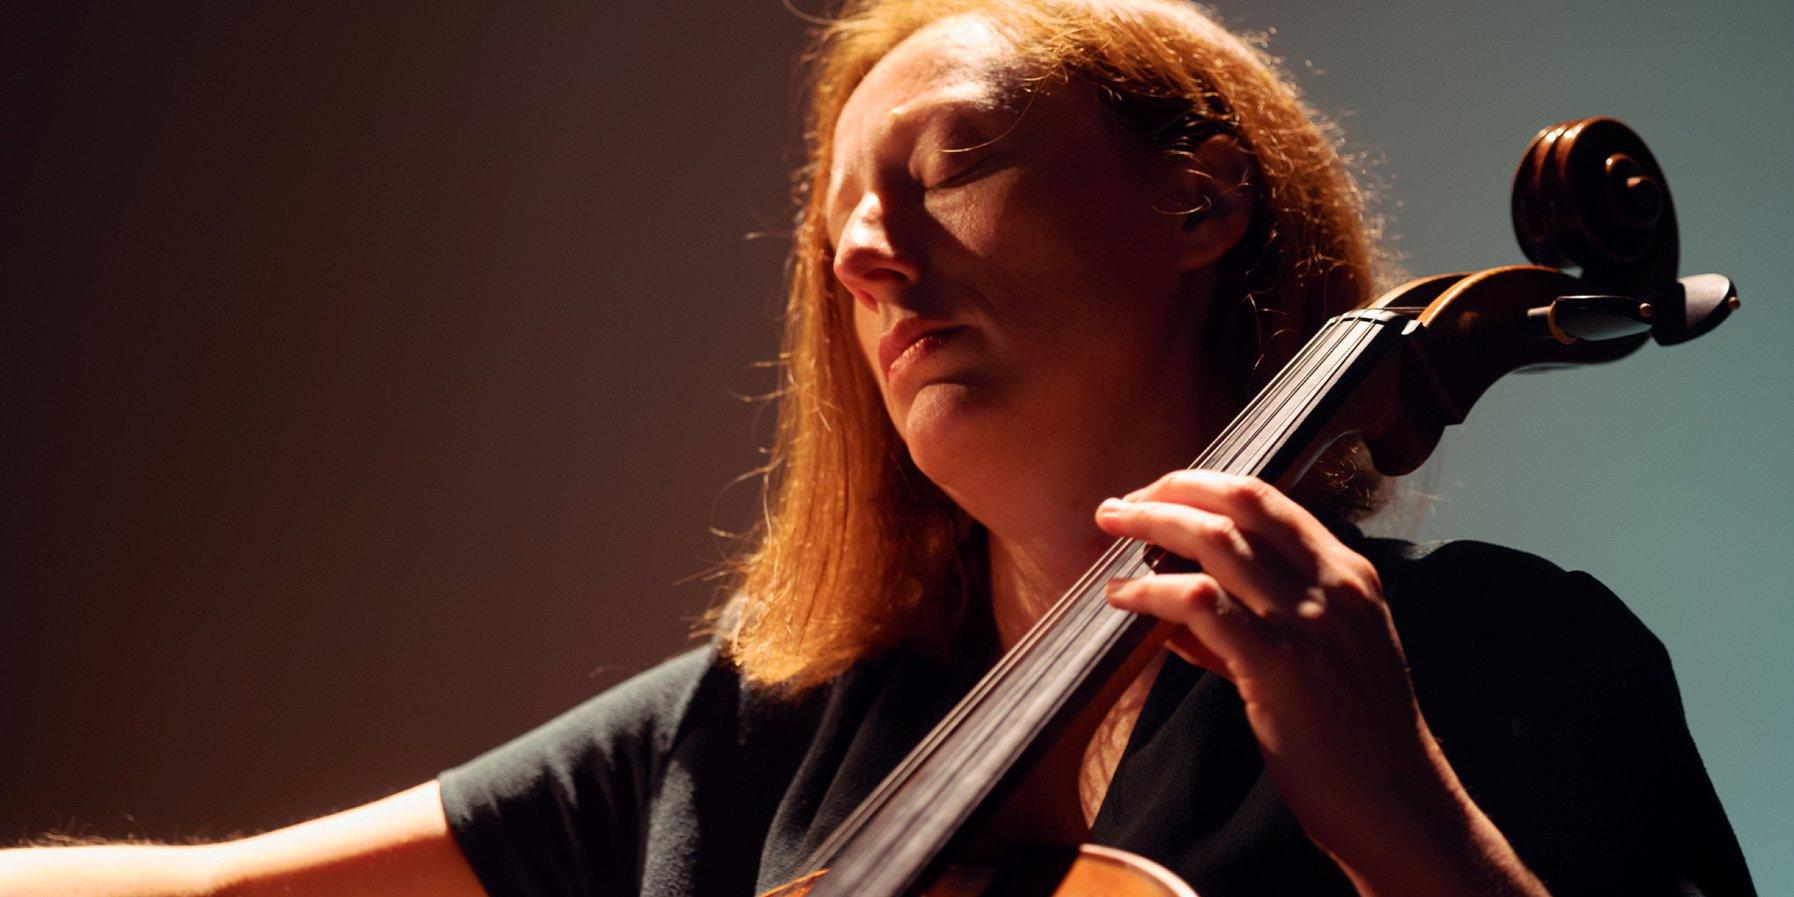 On the cello: Sonja Lena Schmid